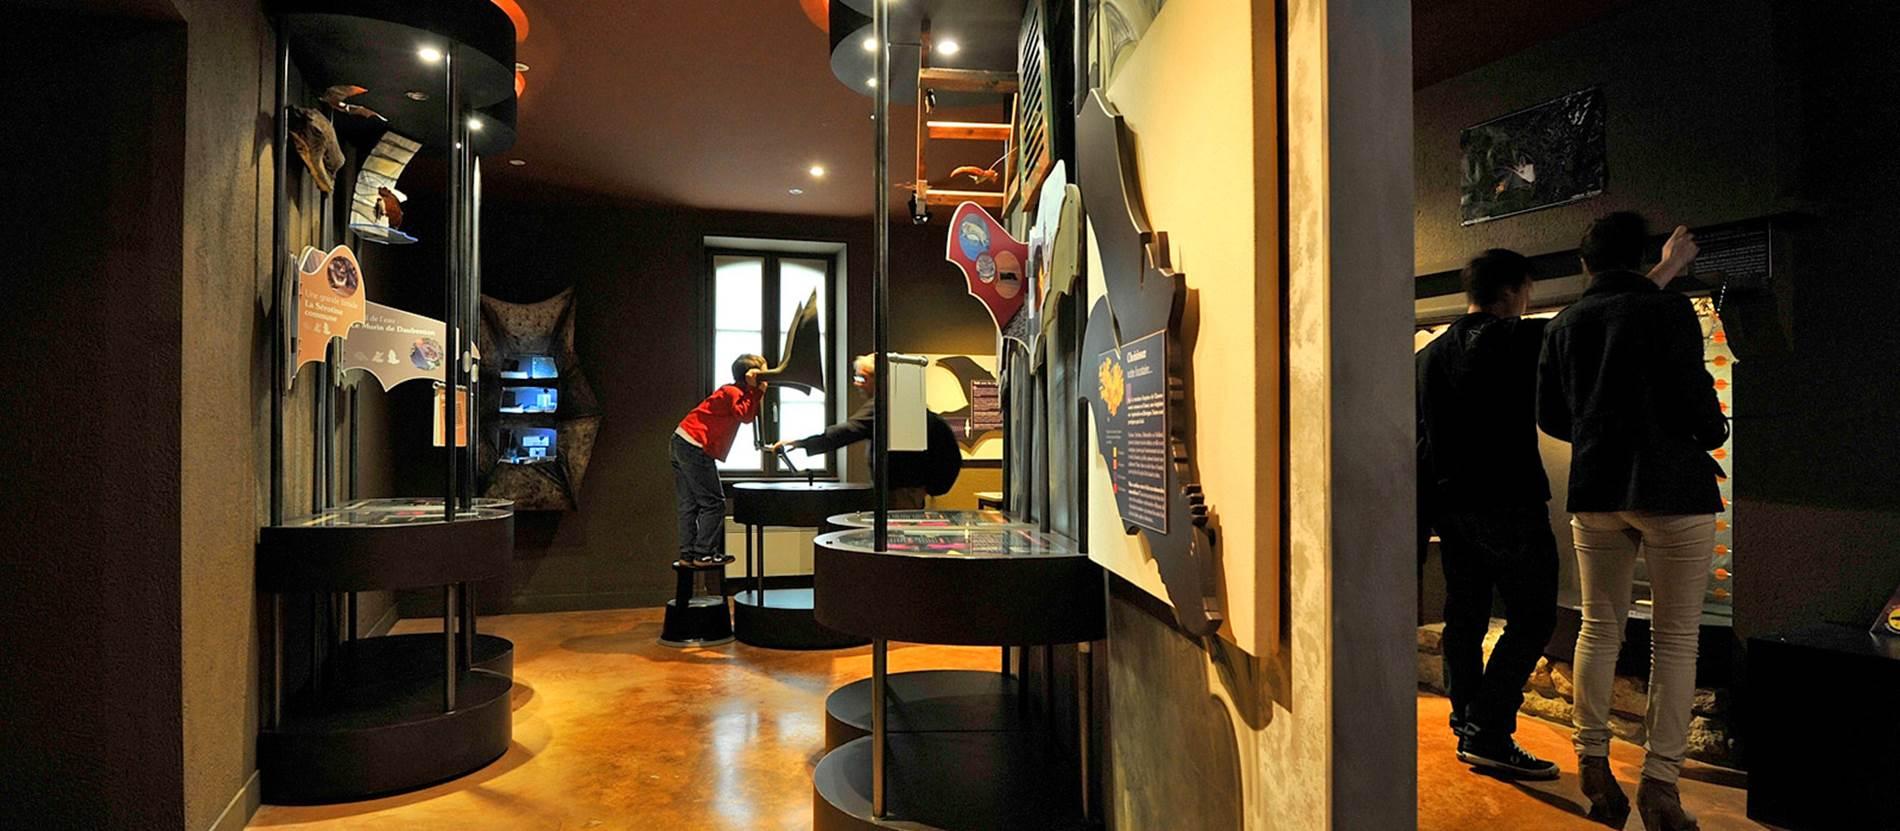 Maison-de-la-Chauve-souris-Kernascleden-Credit-Photo-Eric-Legret © Eric Legret